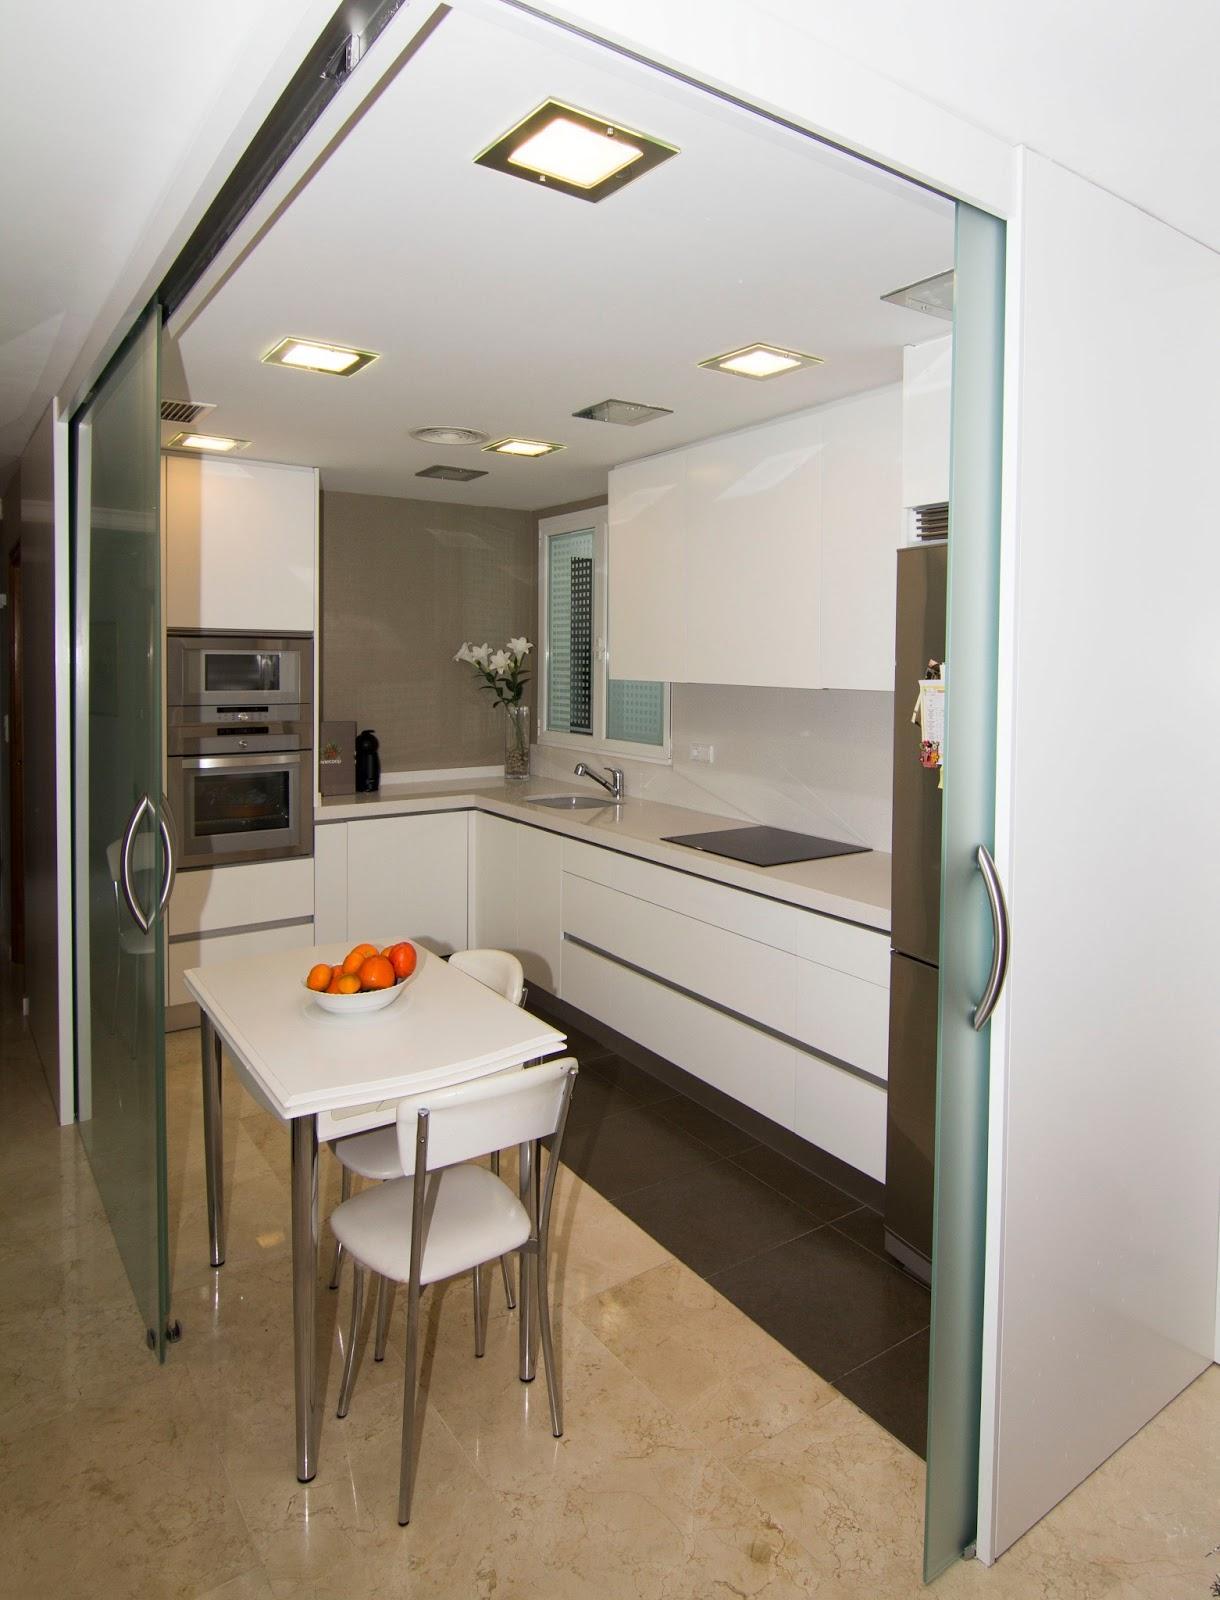 Nivel diez cocina abierta al sal n - Cocinas pequenas abiertas al salon ...